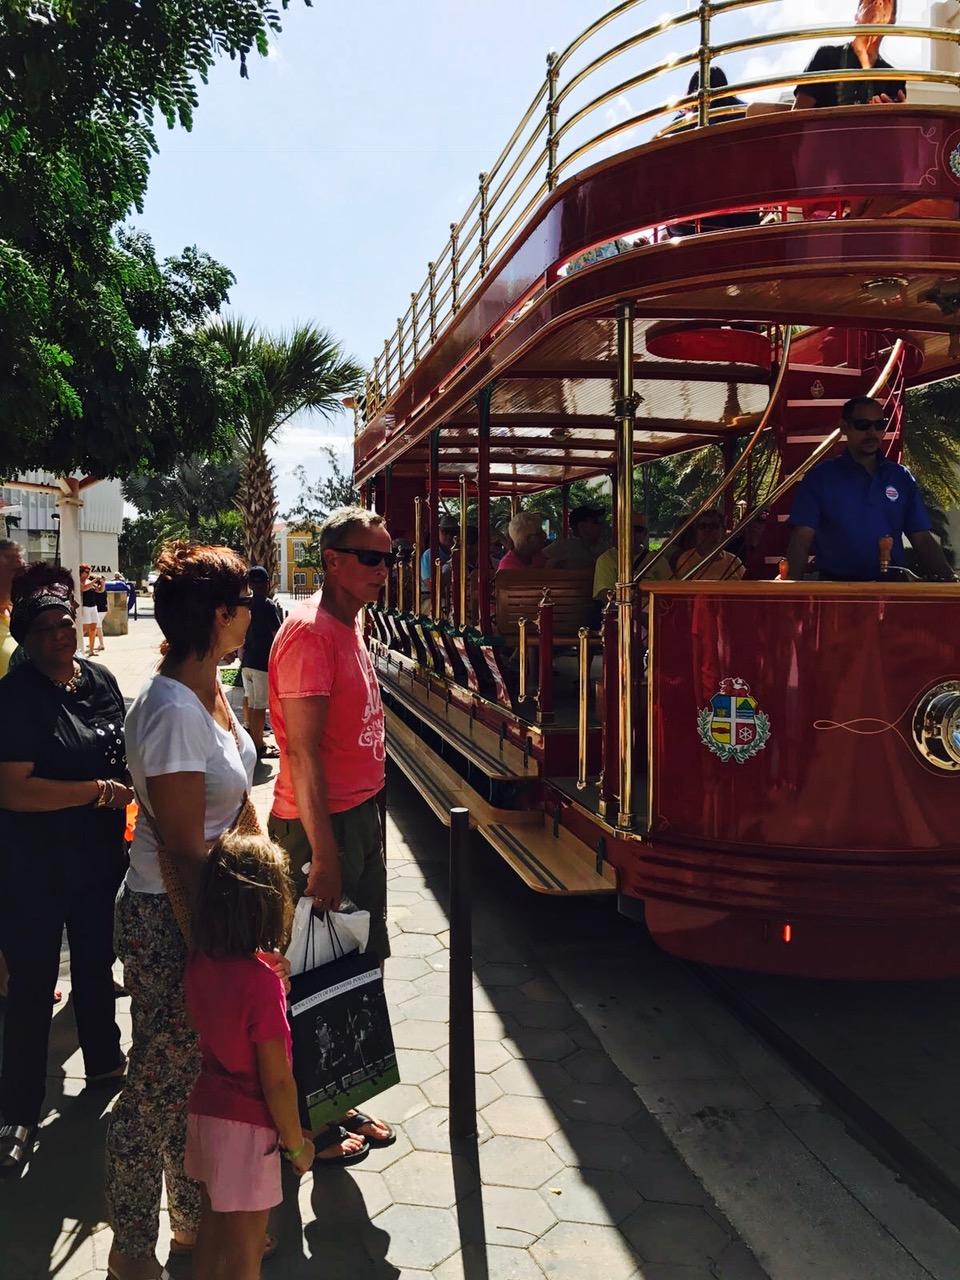 Historische Stadtbahn, Oranjestad, Aruba